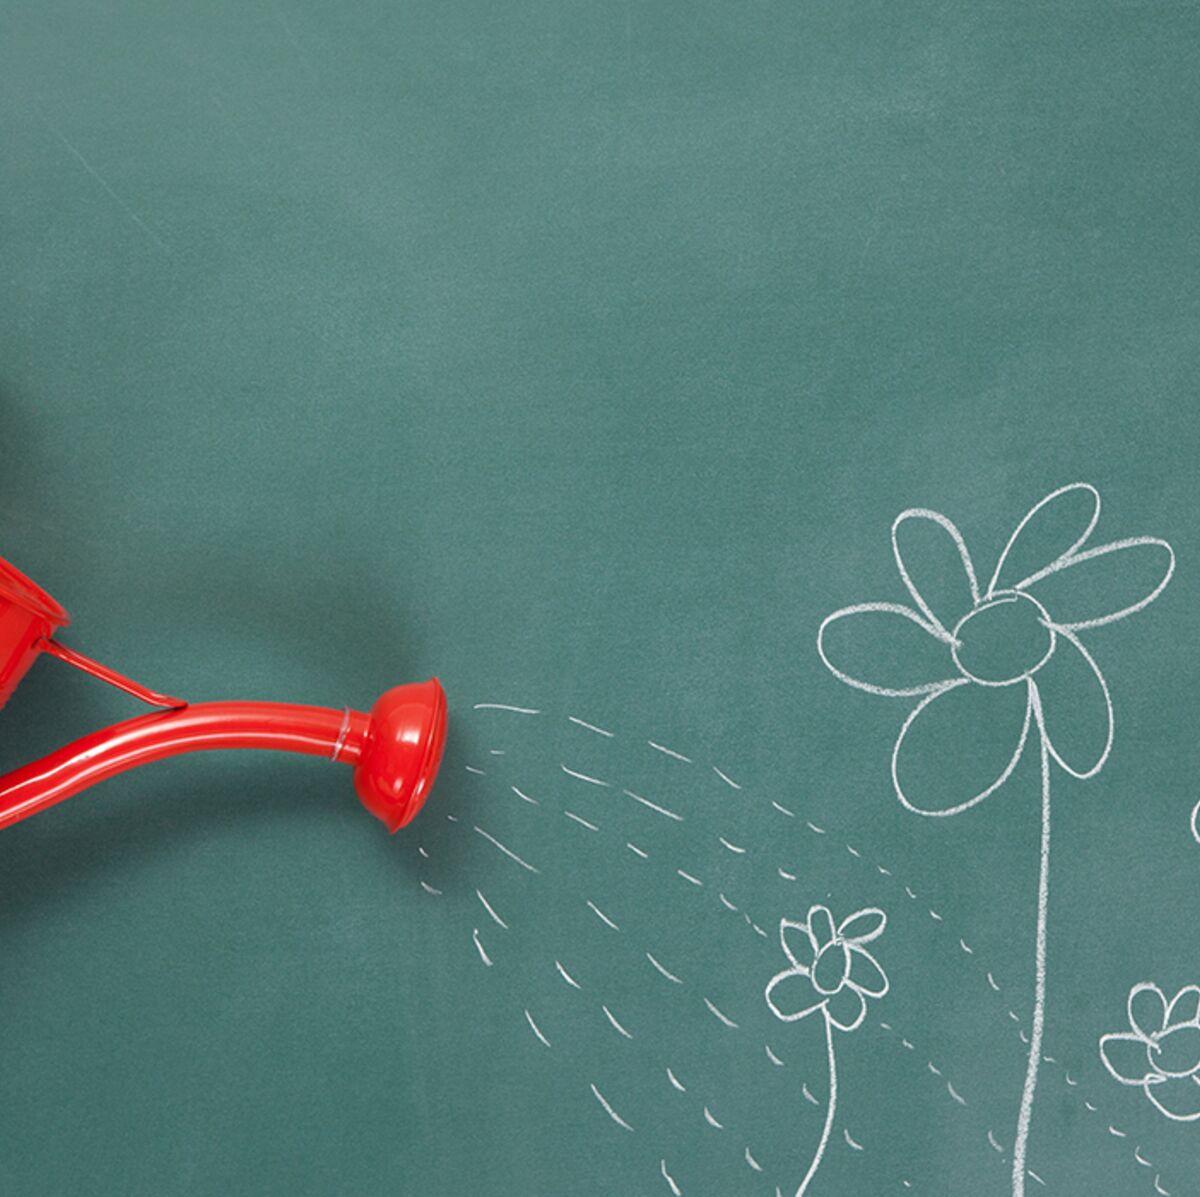 Comment Arroser Mes Plantes Pendant Les Vacances 4 solutions pour arroser ses plantes quand on est absent